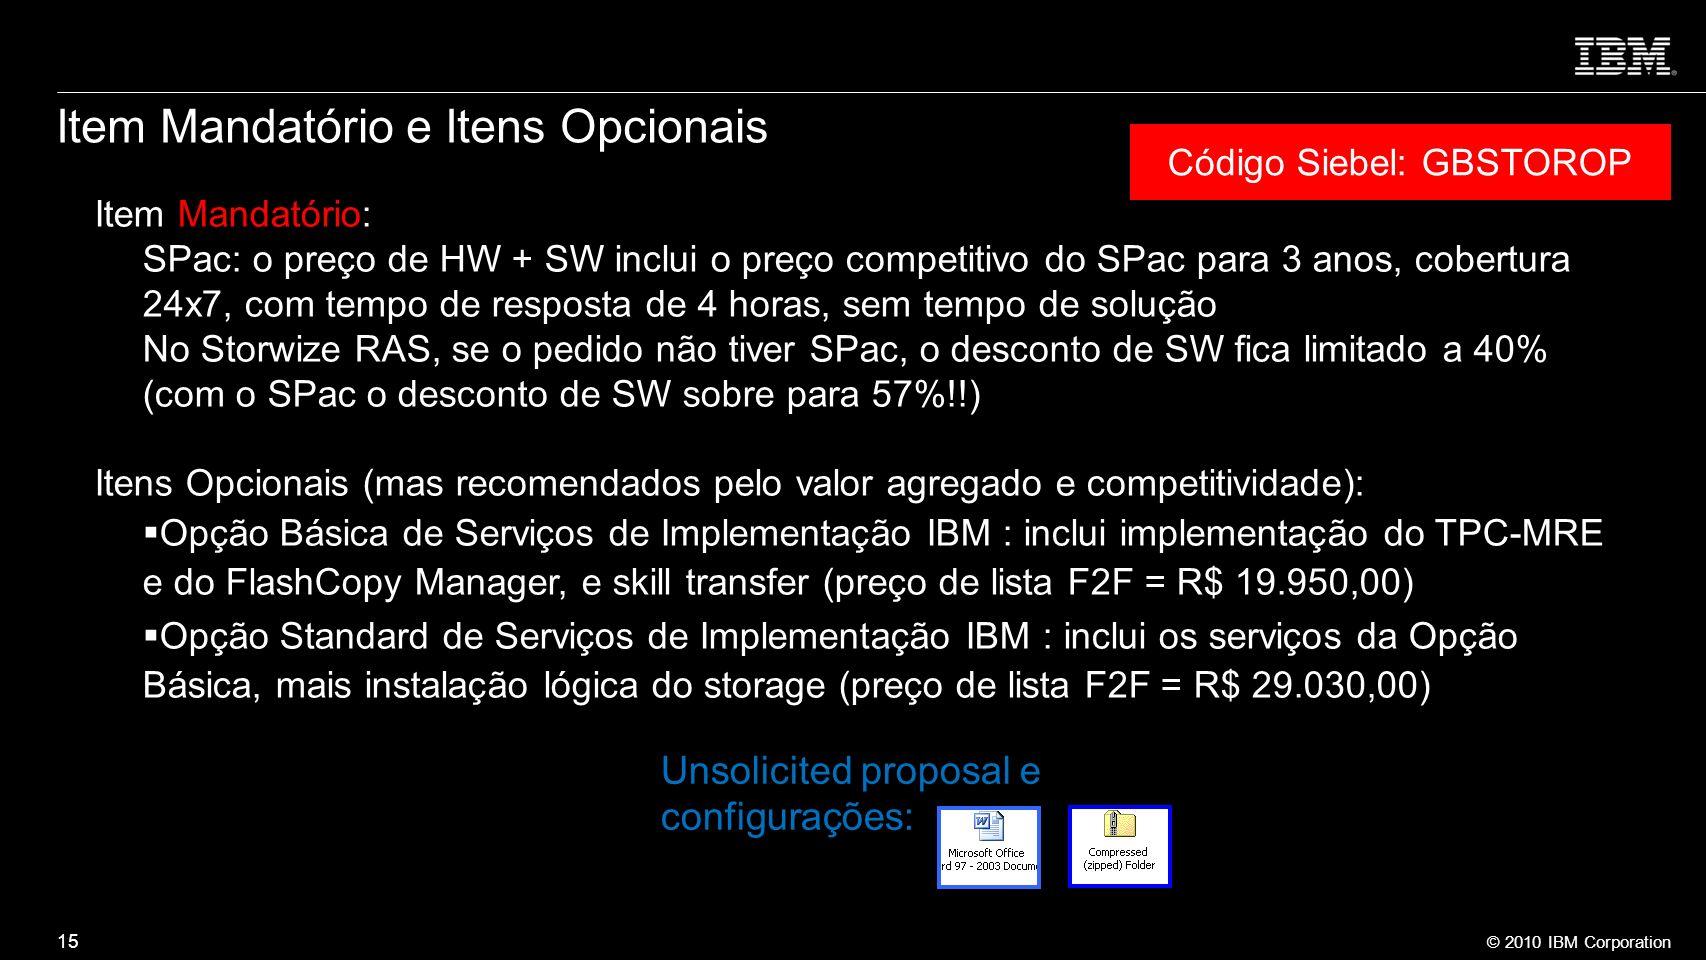 © 2010 IBM Corporation Item Mandatório e Itens Opcionais Código Siebel: GBSTOROP Item Mandatório: SPac: o preço de HW + SW inclui o preço competitivo